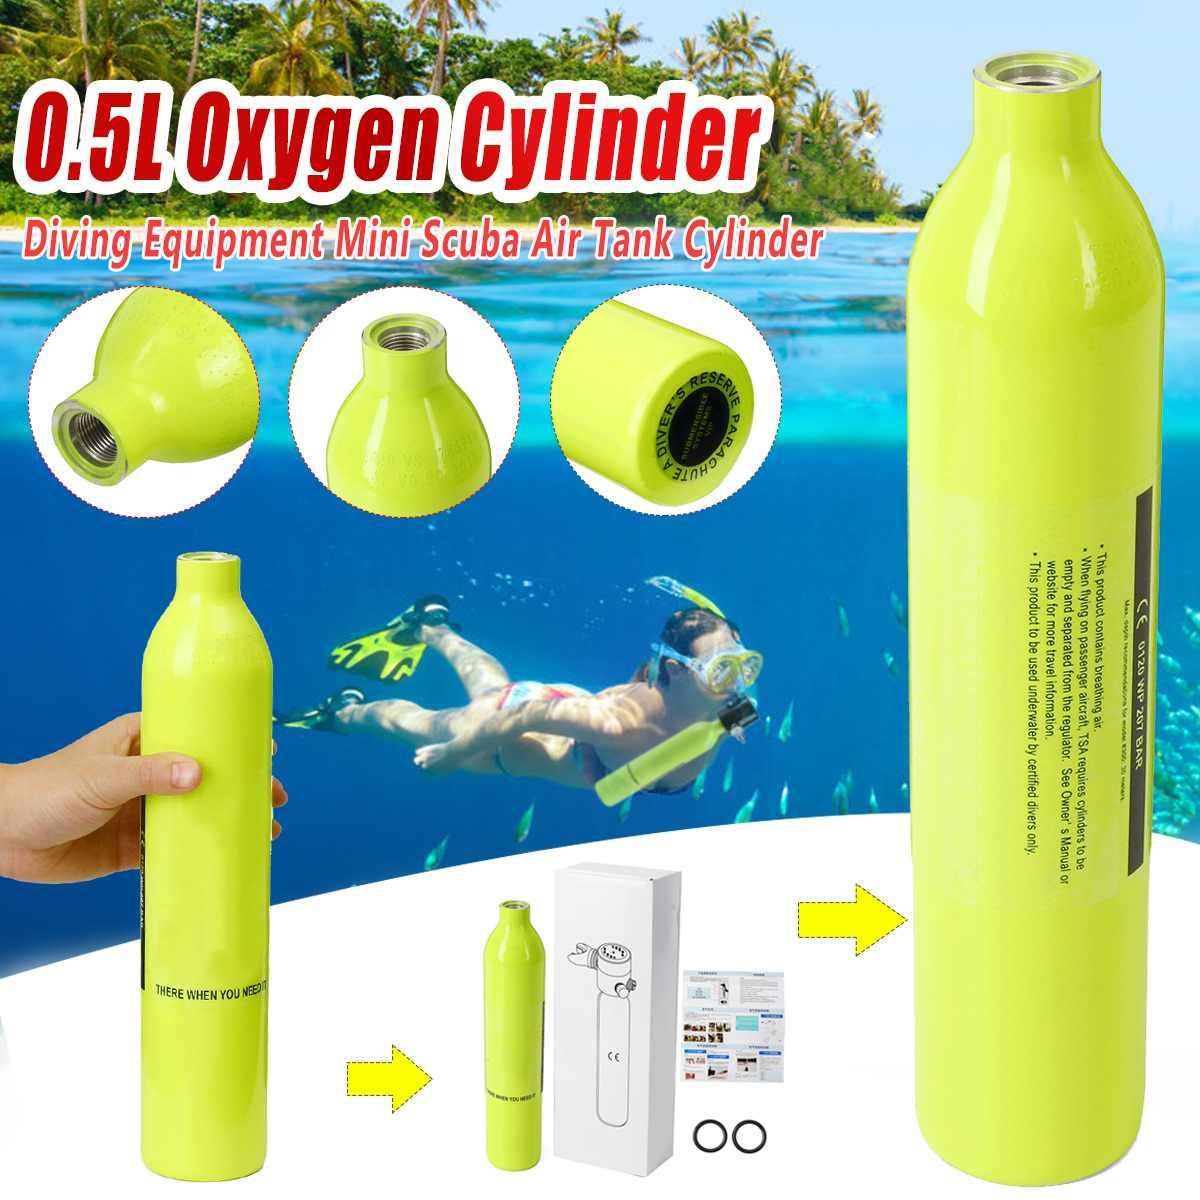 Matériel de plongée 0.5L Mini D'oxygène Plongée Sous-Marine les Réservoirs D'air Culasse Valve Porte-Parole Snorkeling Appareil Respiratoire Sous-Marin